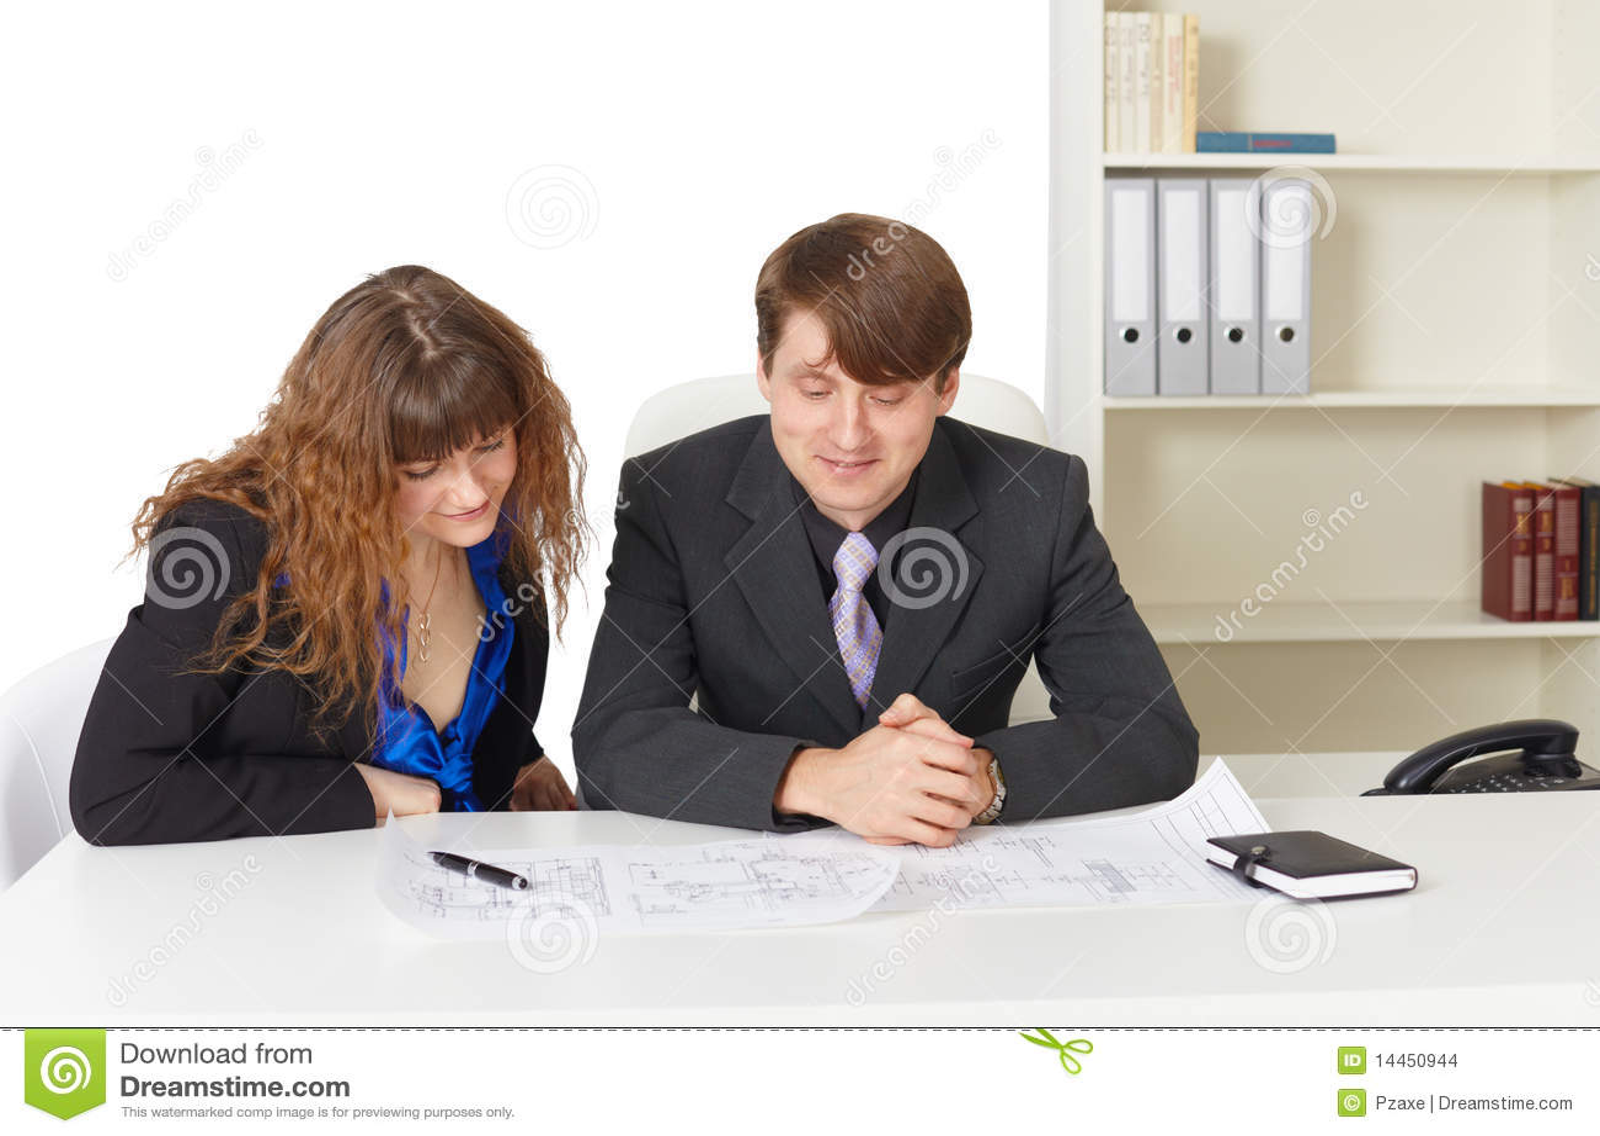 Hombre y mujer ingenieros trabajando en oficina for Xxx porno en la oficina